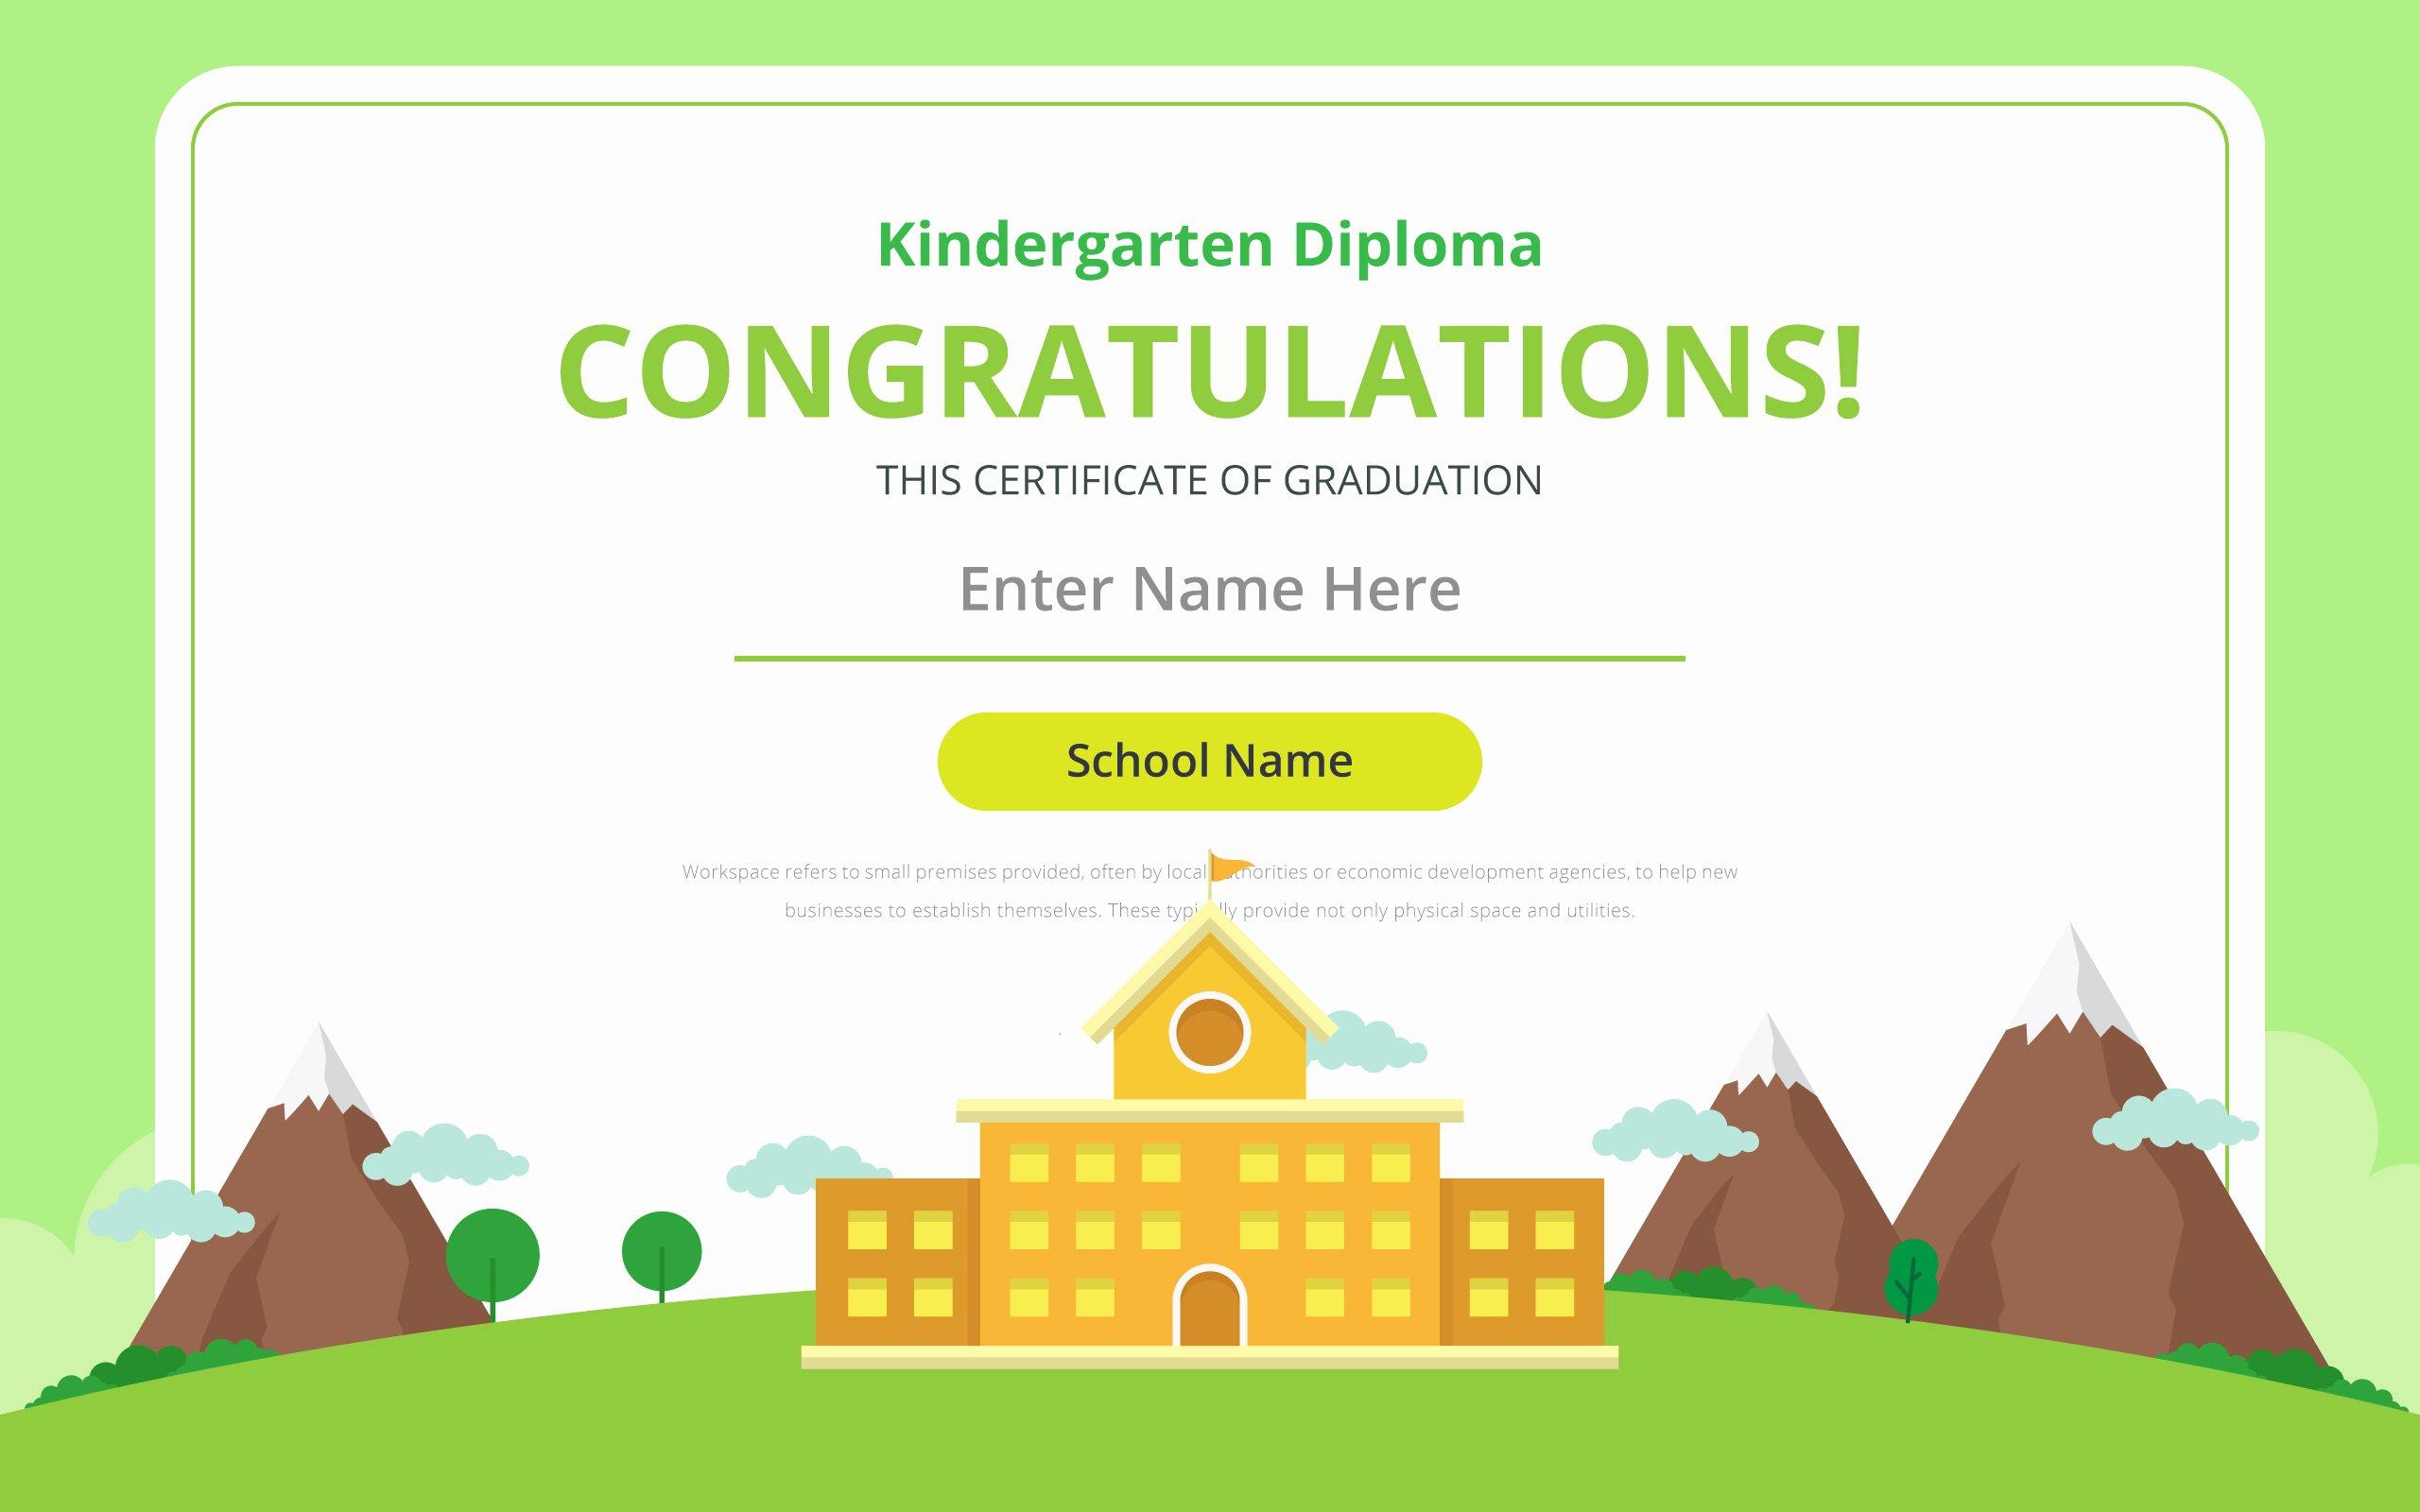 Kindergarten Graduation Certificate Template Beautiful Kindergarten Diploma Certificate Template Download Free